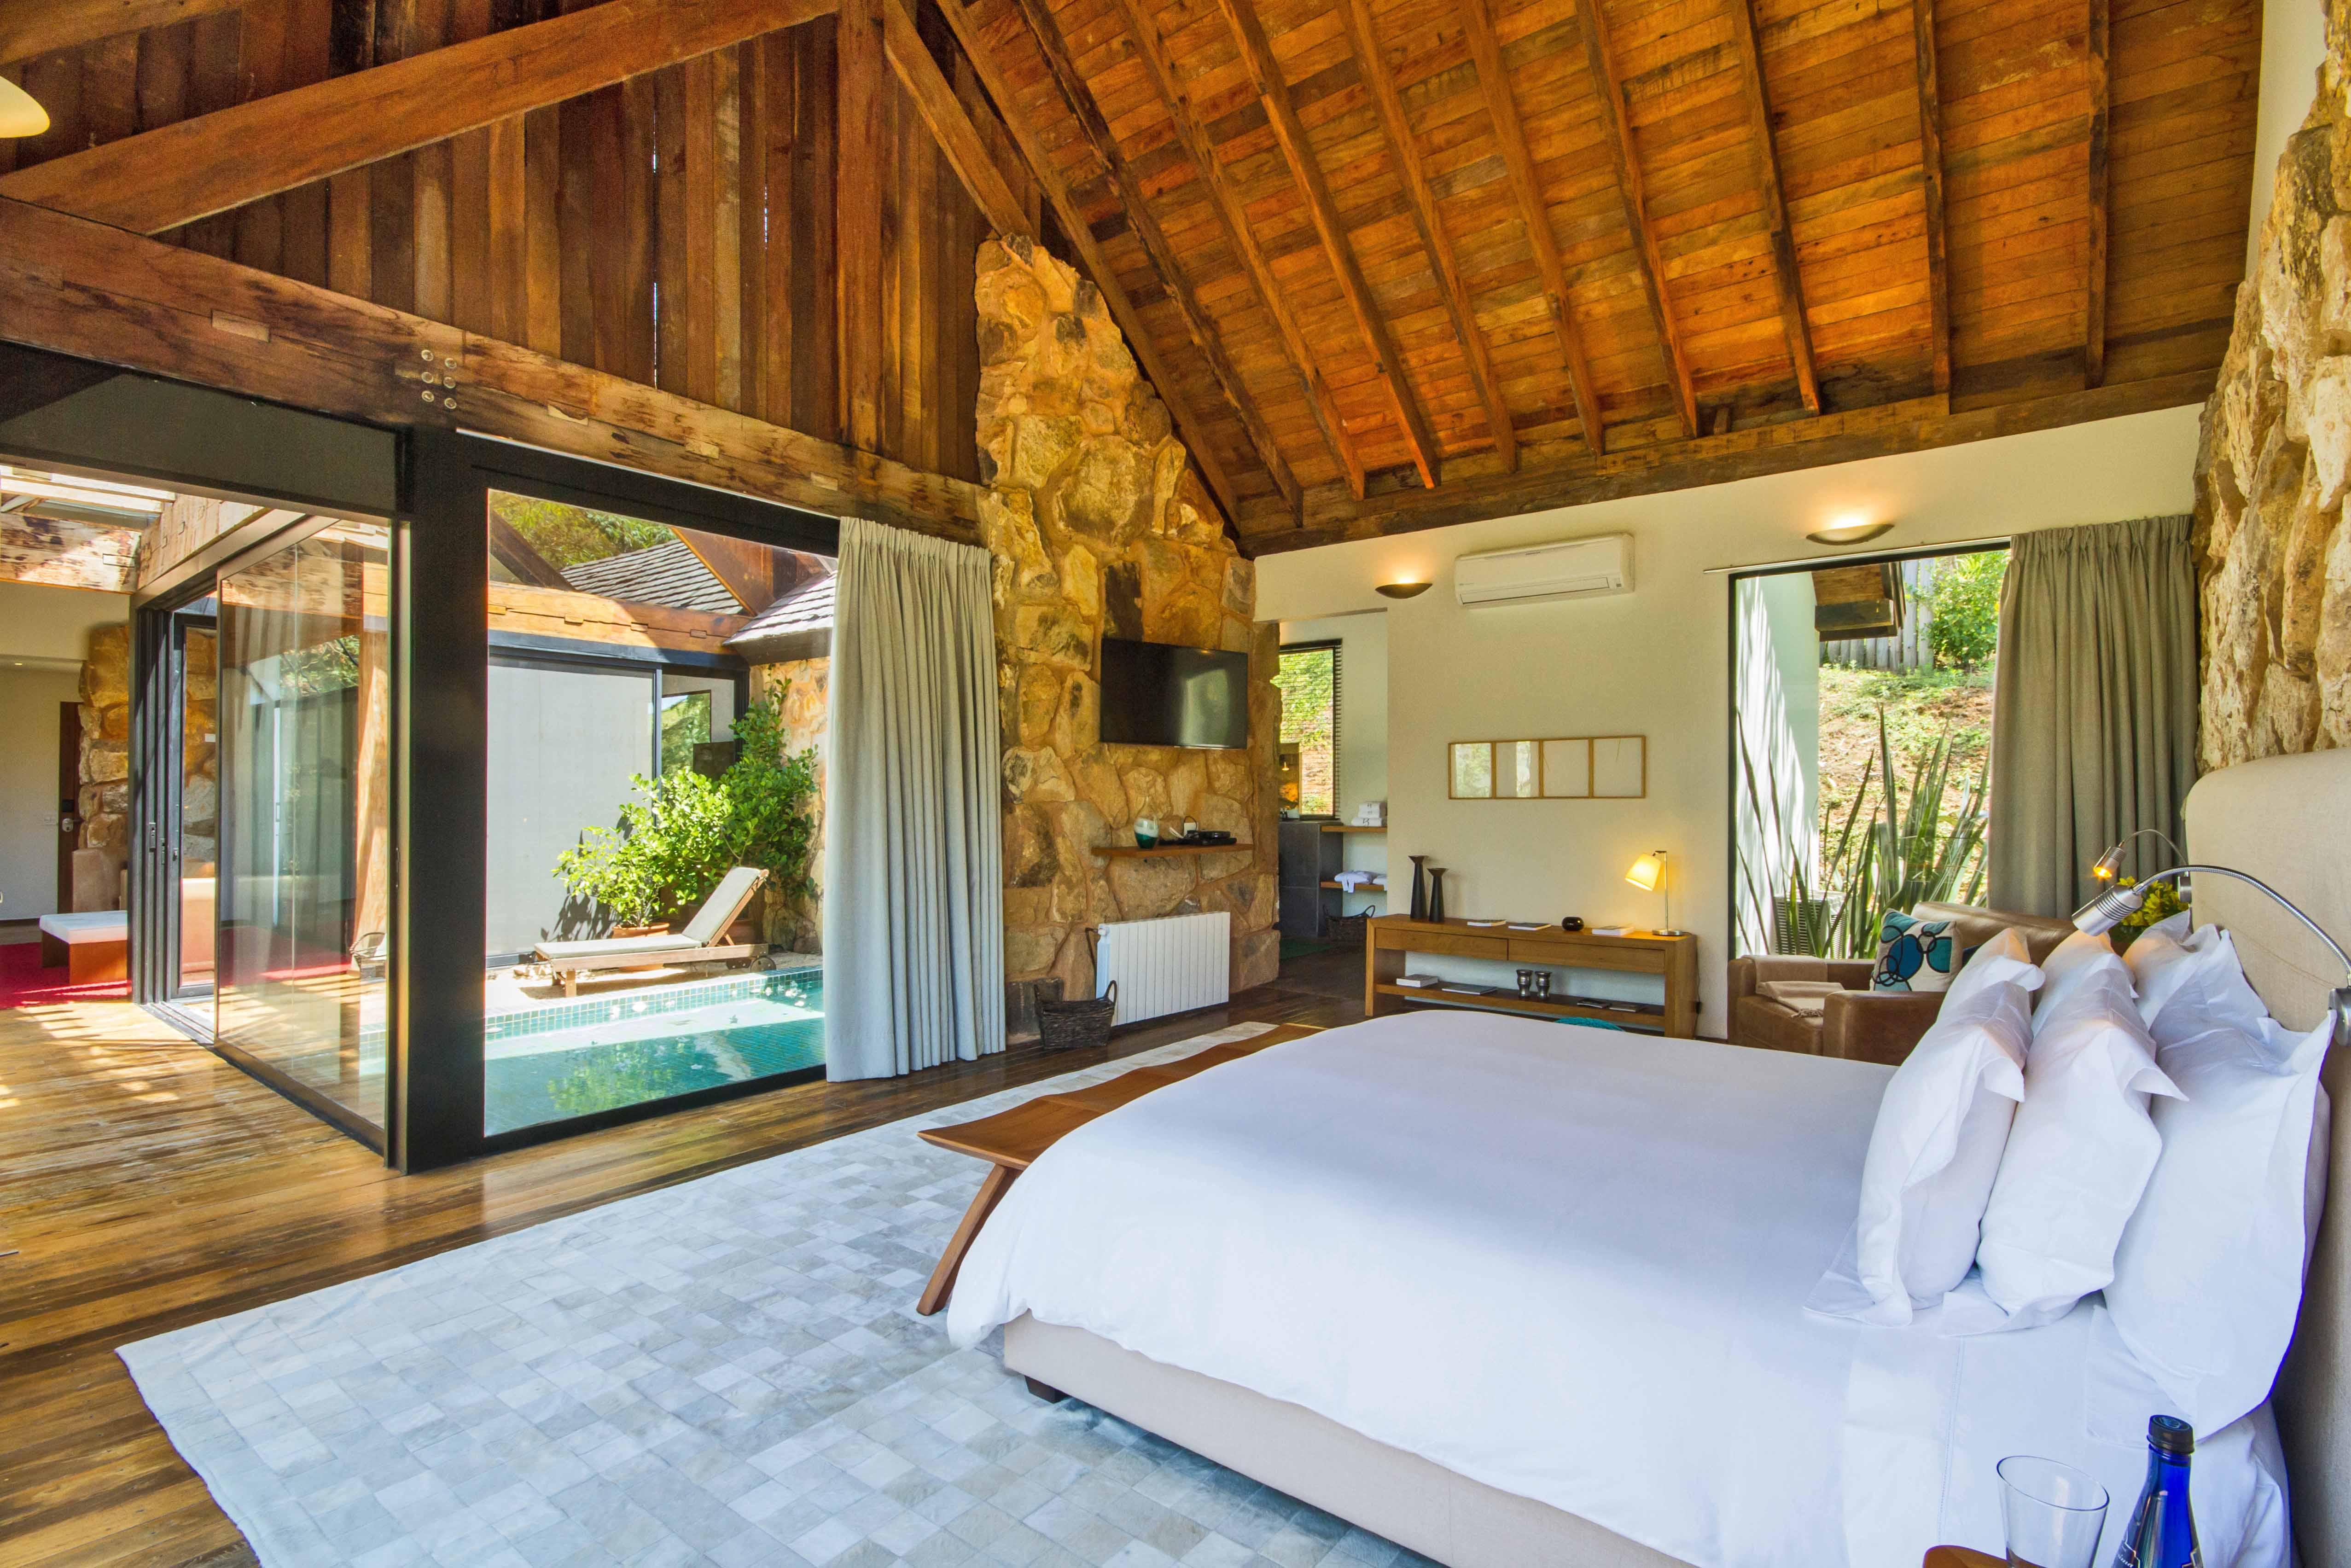 Hotéis Dia das Mães - botanique hotel spa